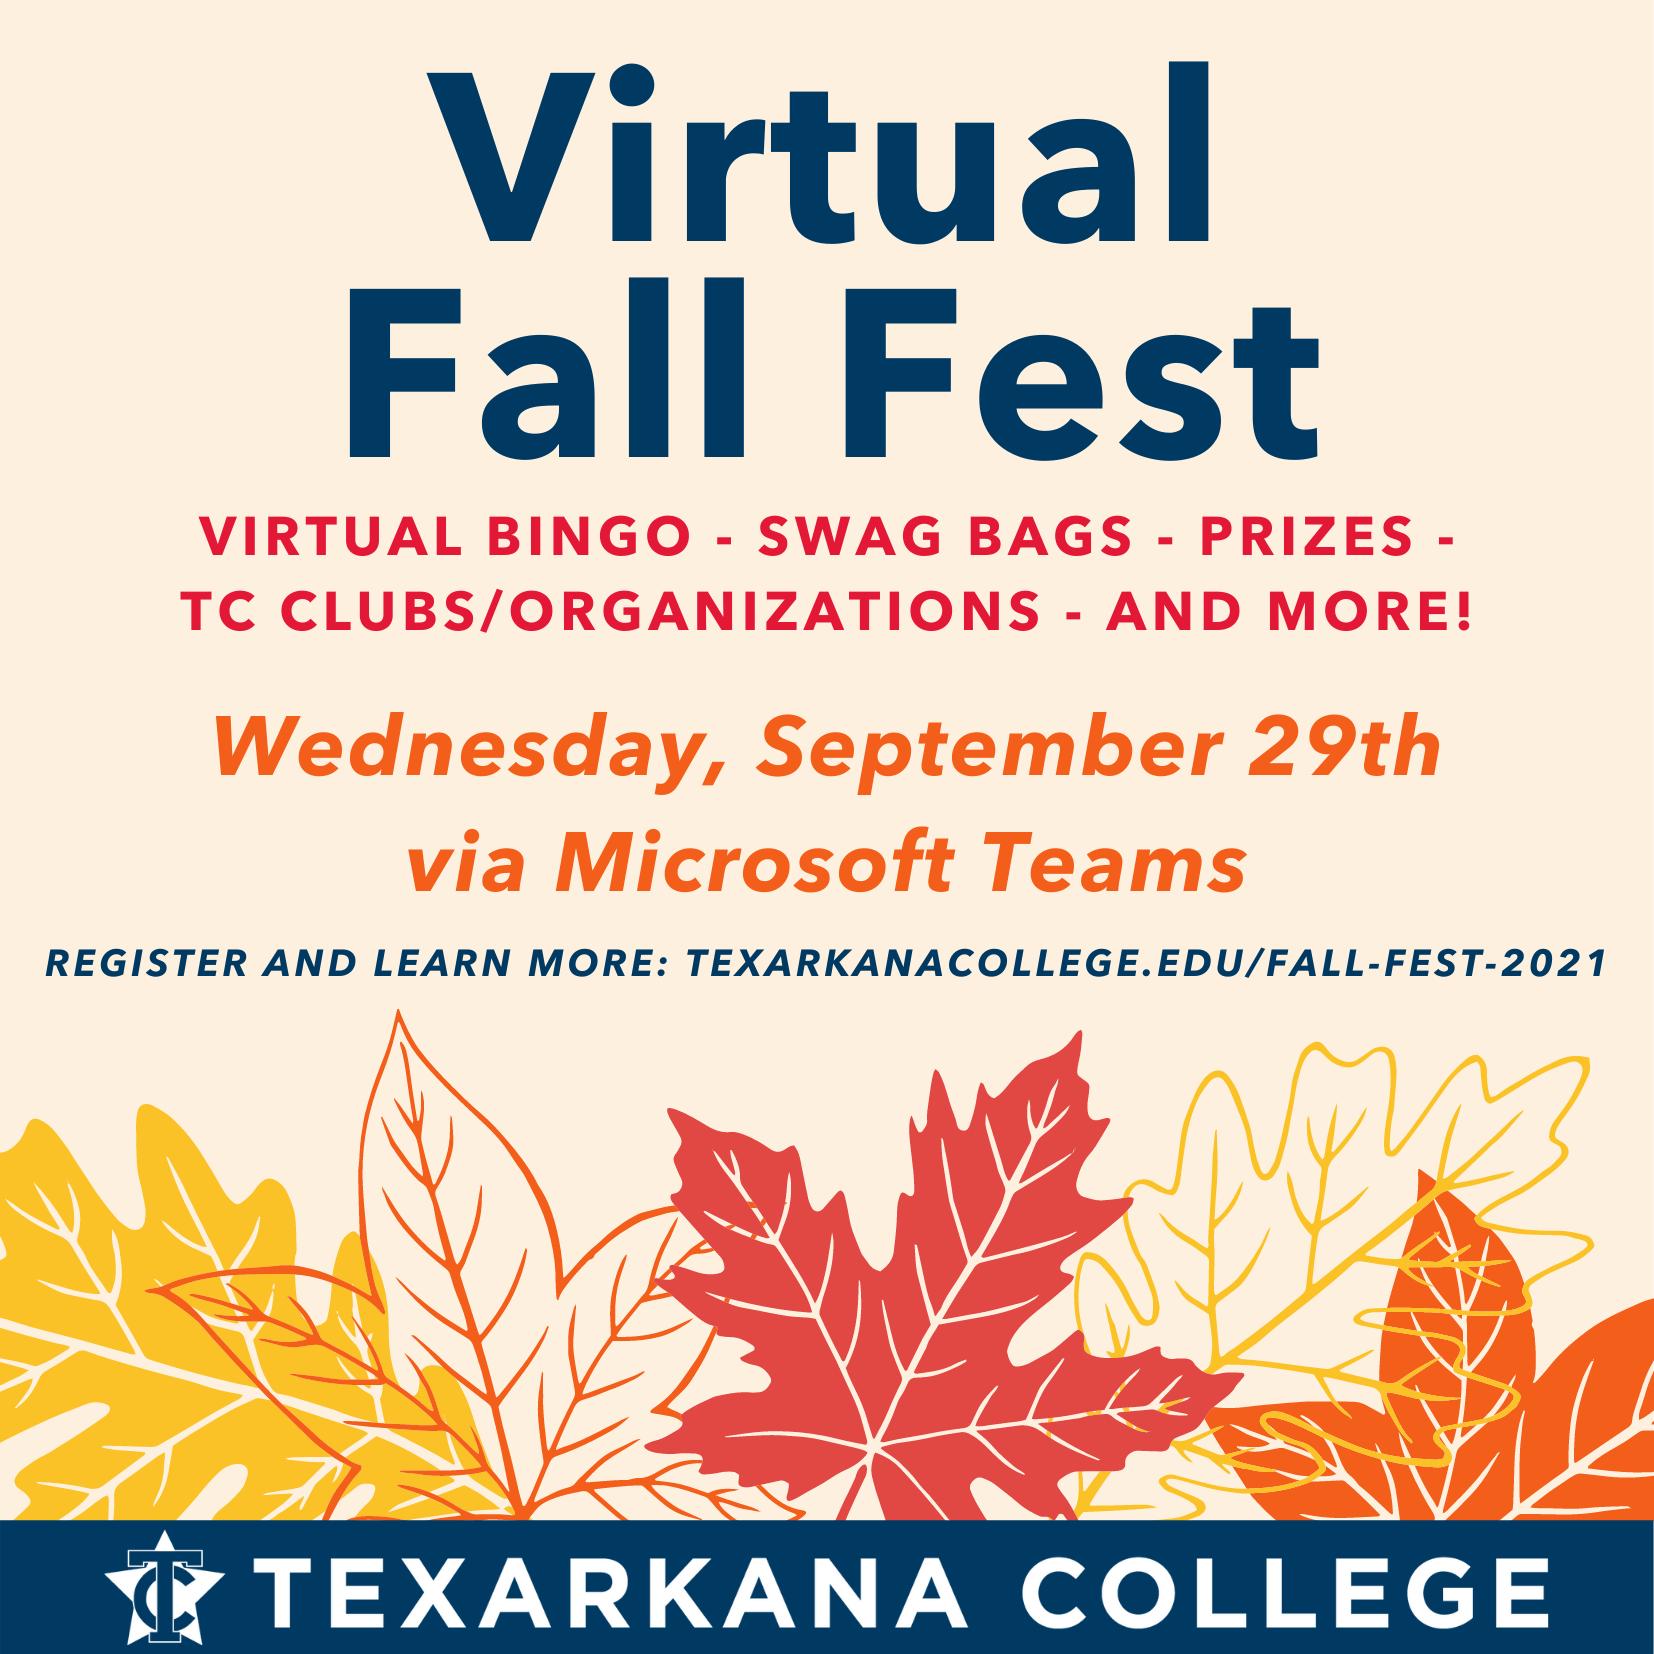 Virtual Fall Fest 2021